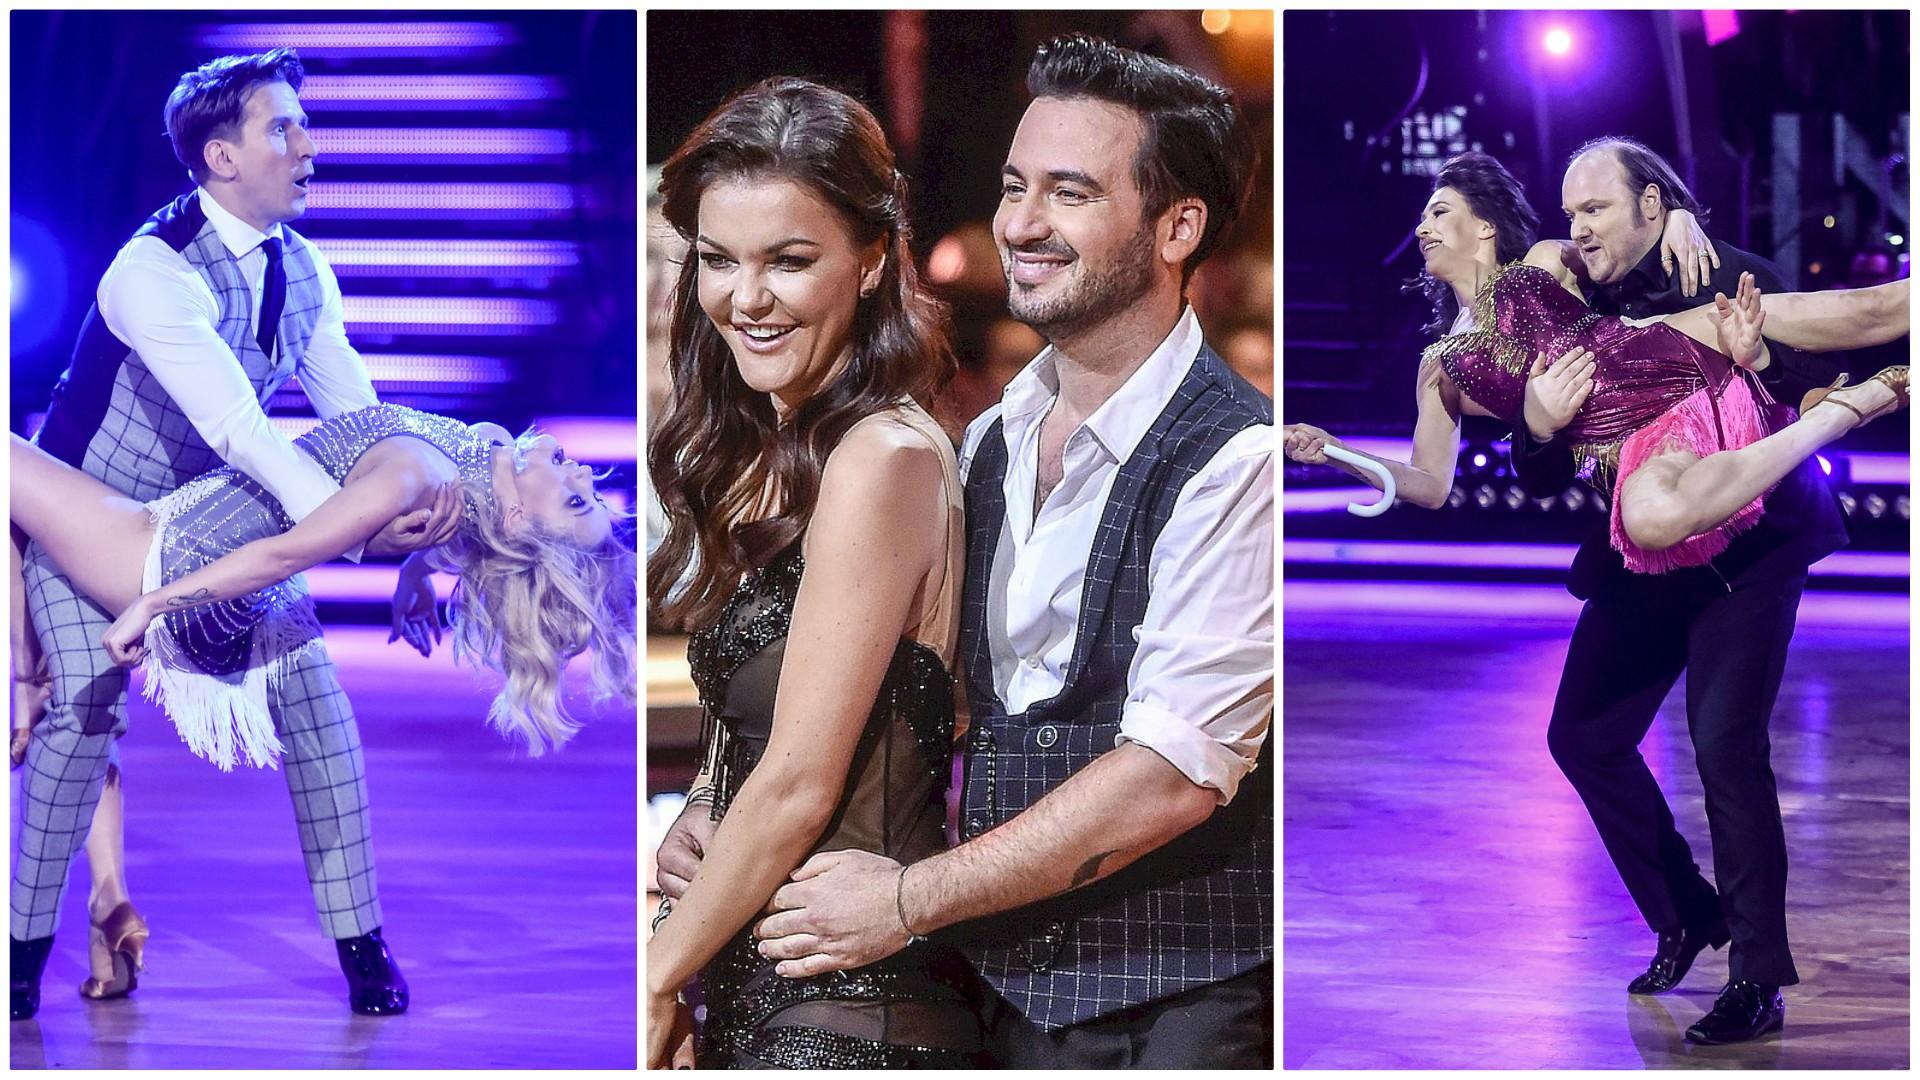 Taniec z Gwiazdami 9 – zdjęcia z pierwszego odcinka